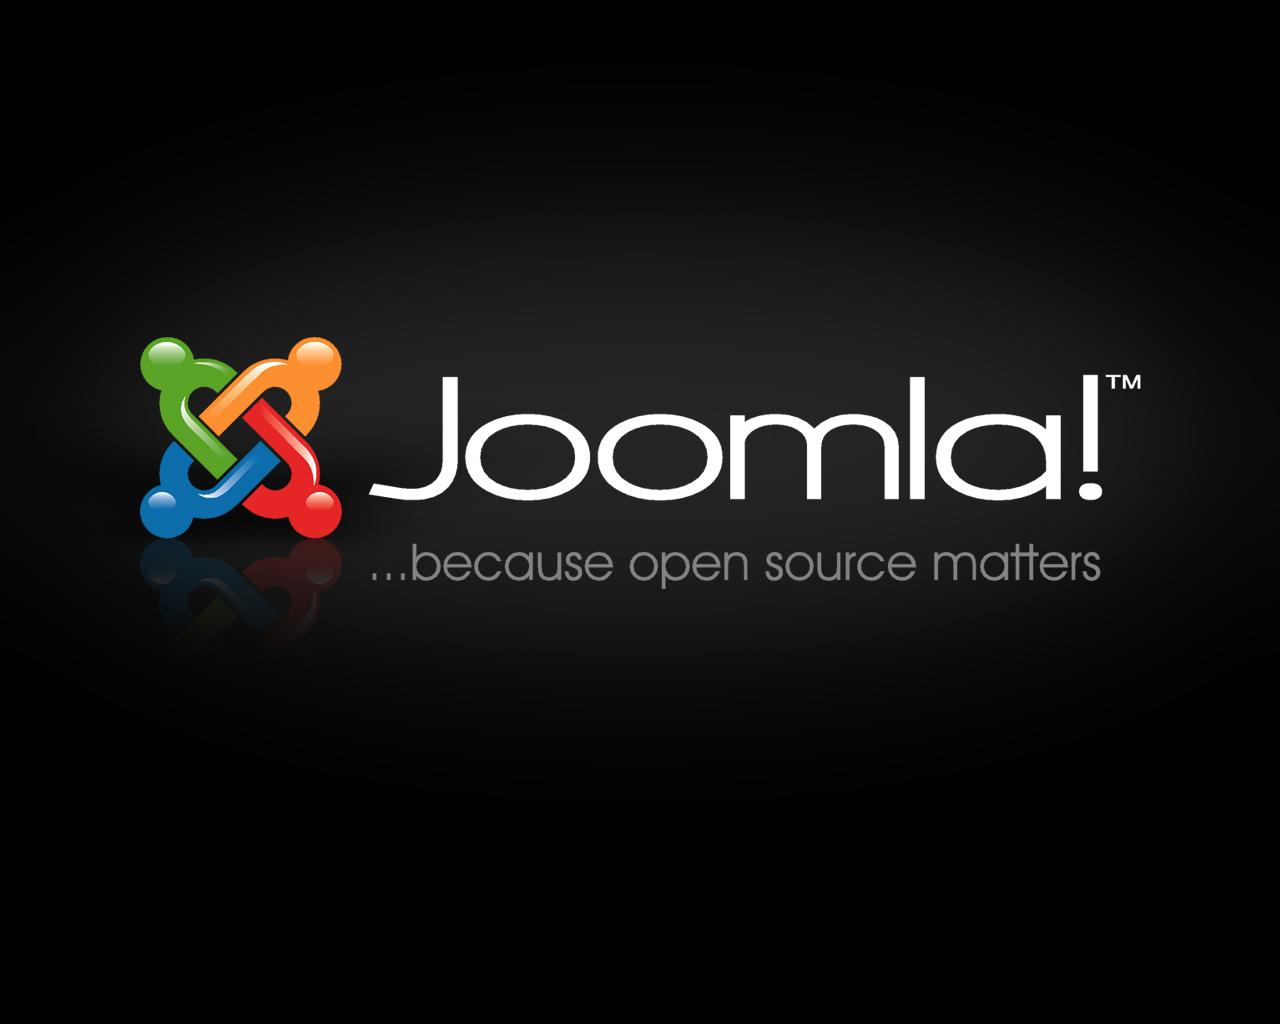 Joomla - Official Site